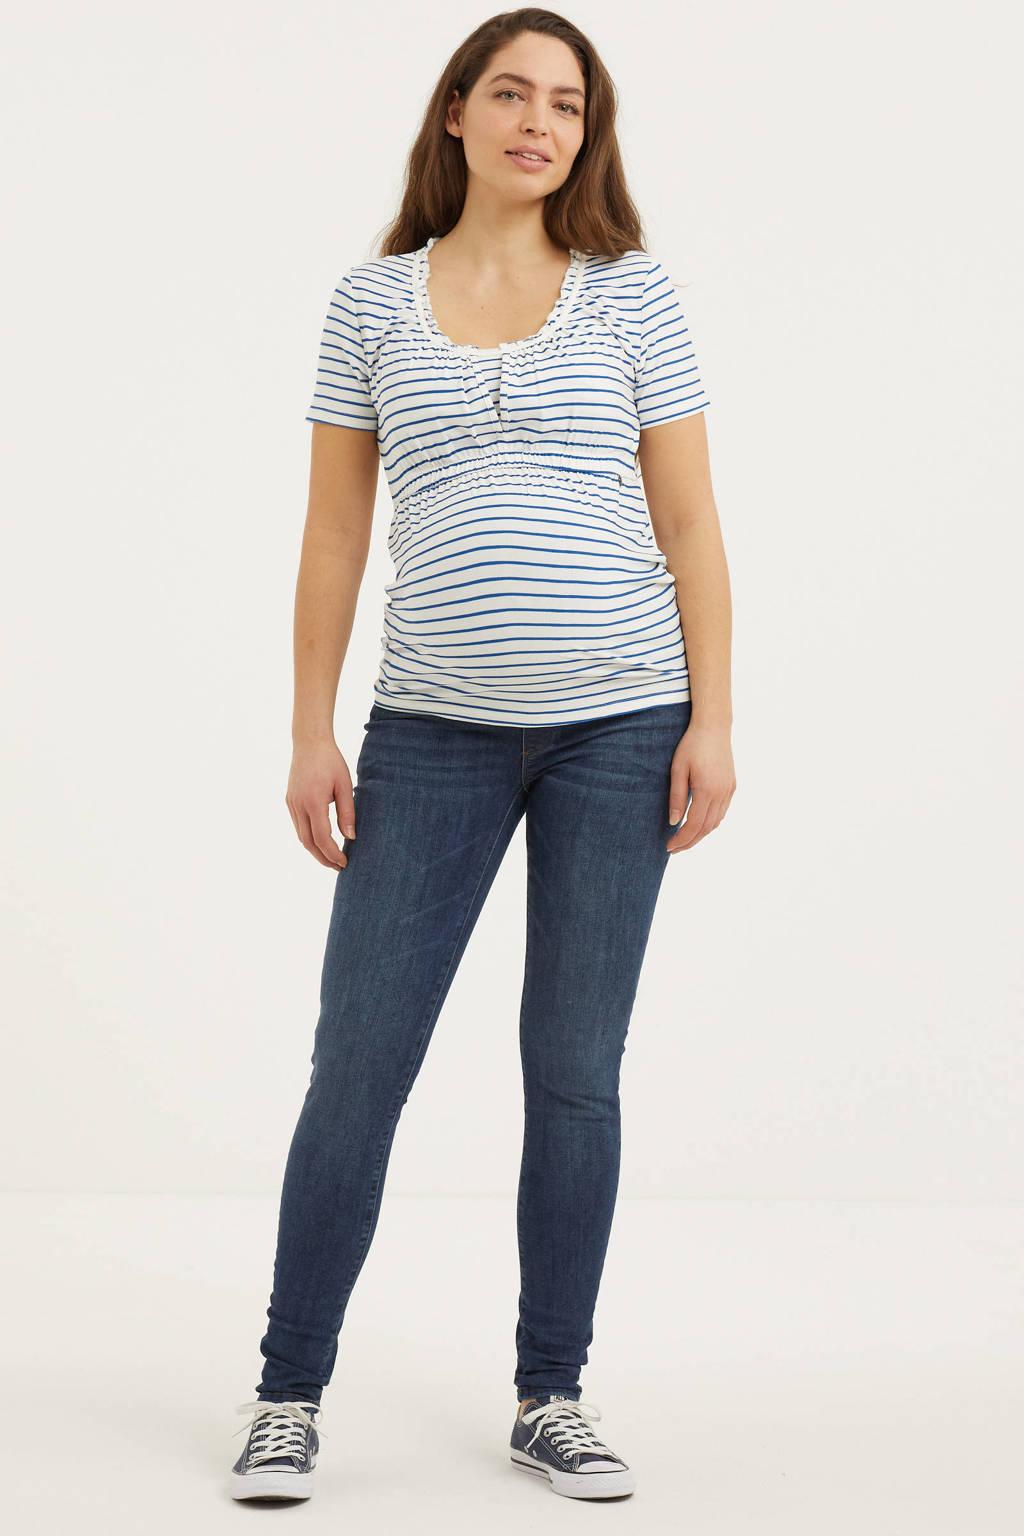 LOVE2WAIT low waist skinny zwangerschapsjeans met biologisch katoen donkerblauw, Donkerblauw